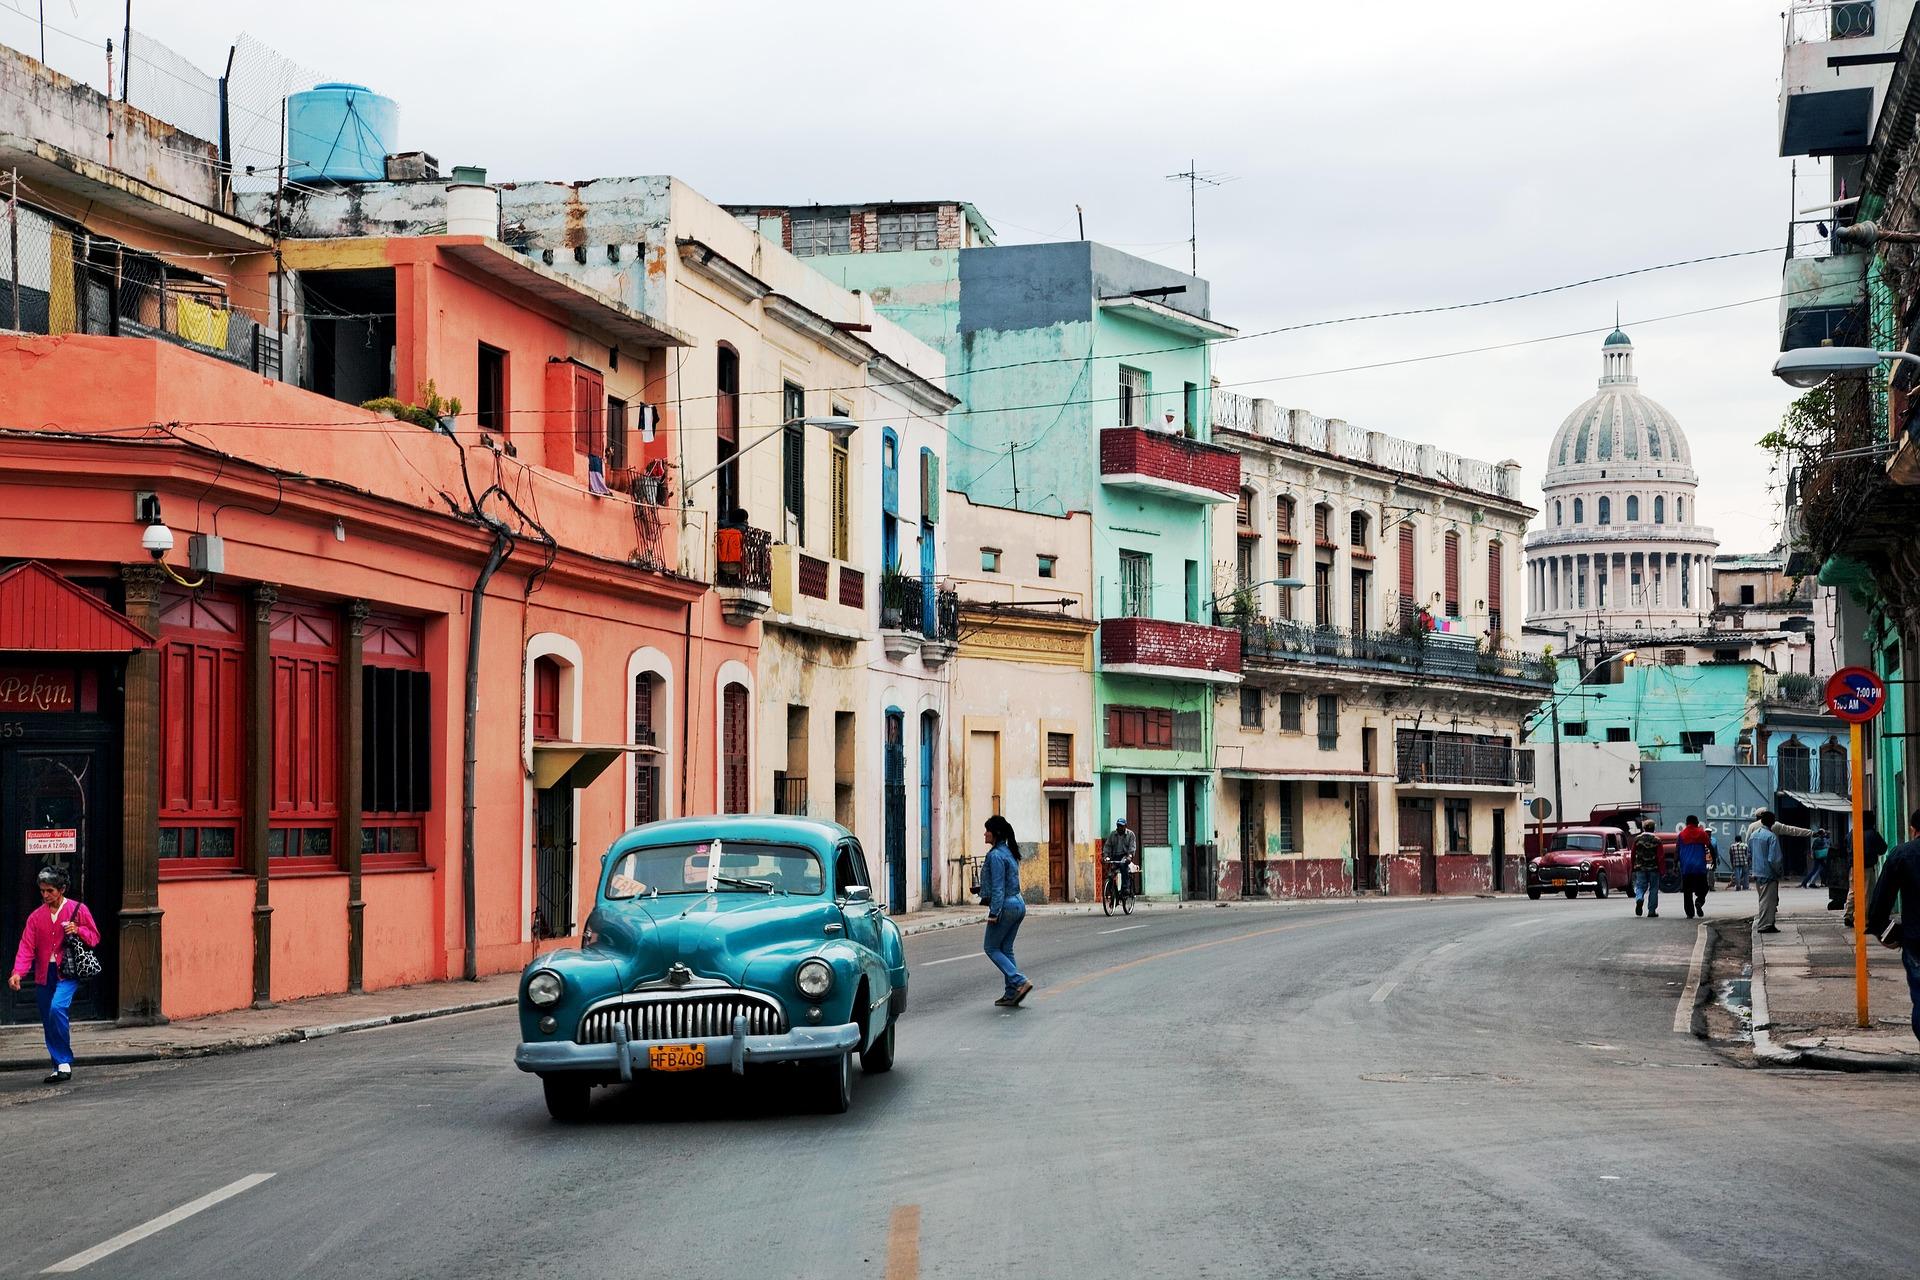 Sprachreise nach Kuba: Empfehlungen & Vergleich (11/20)